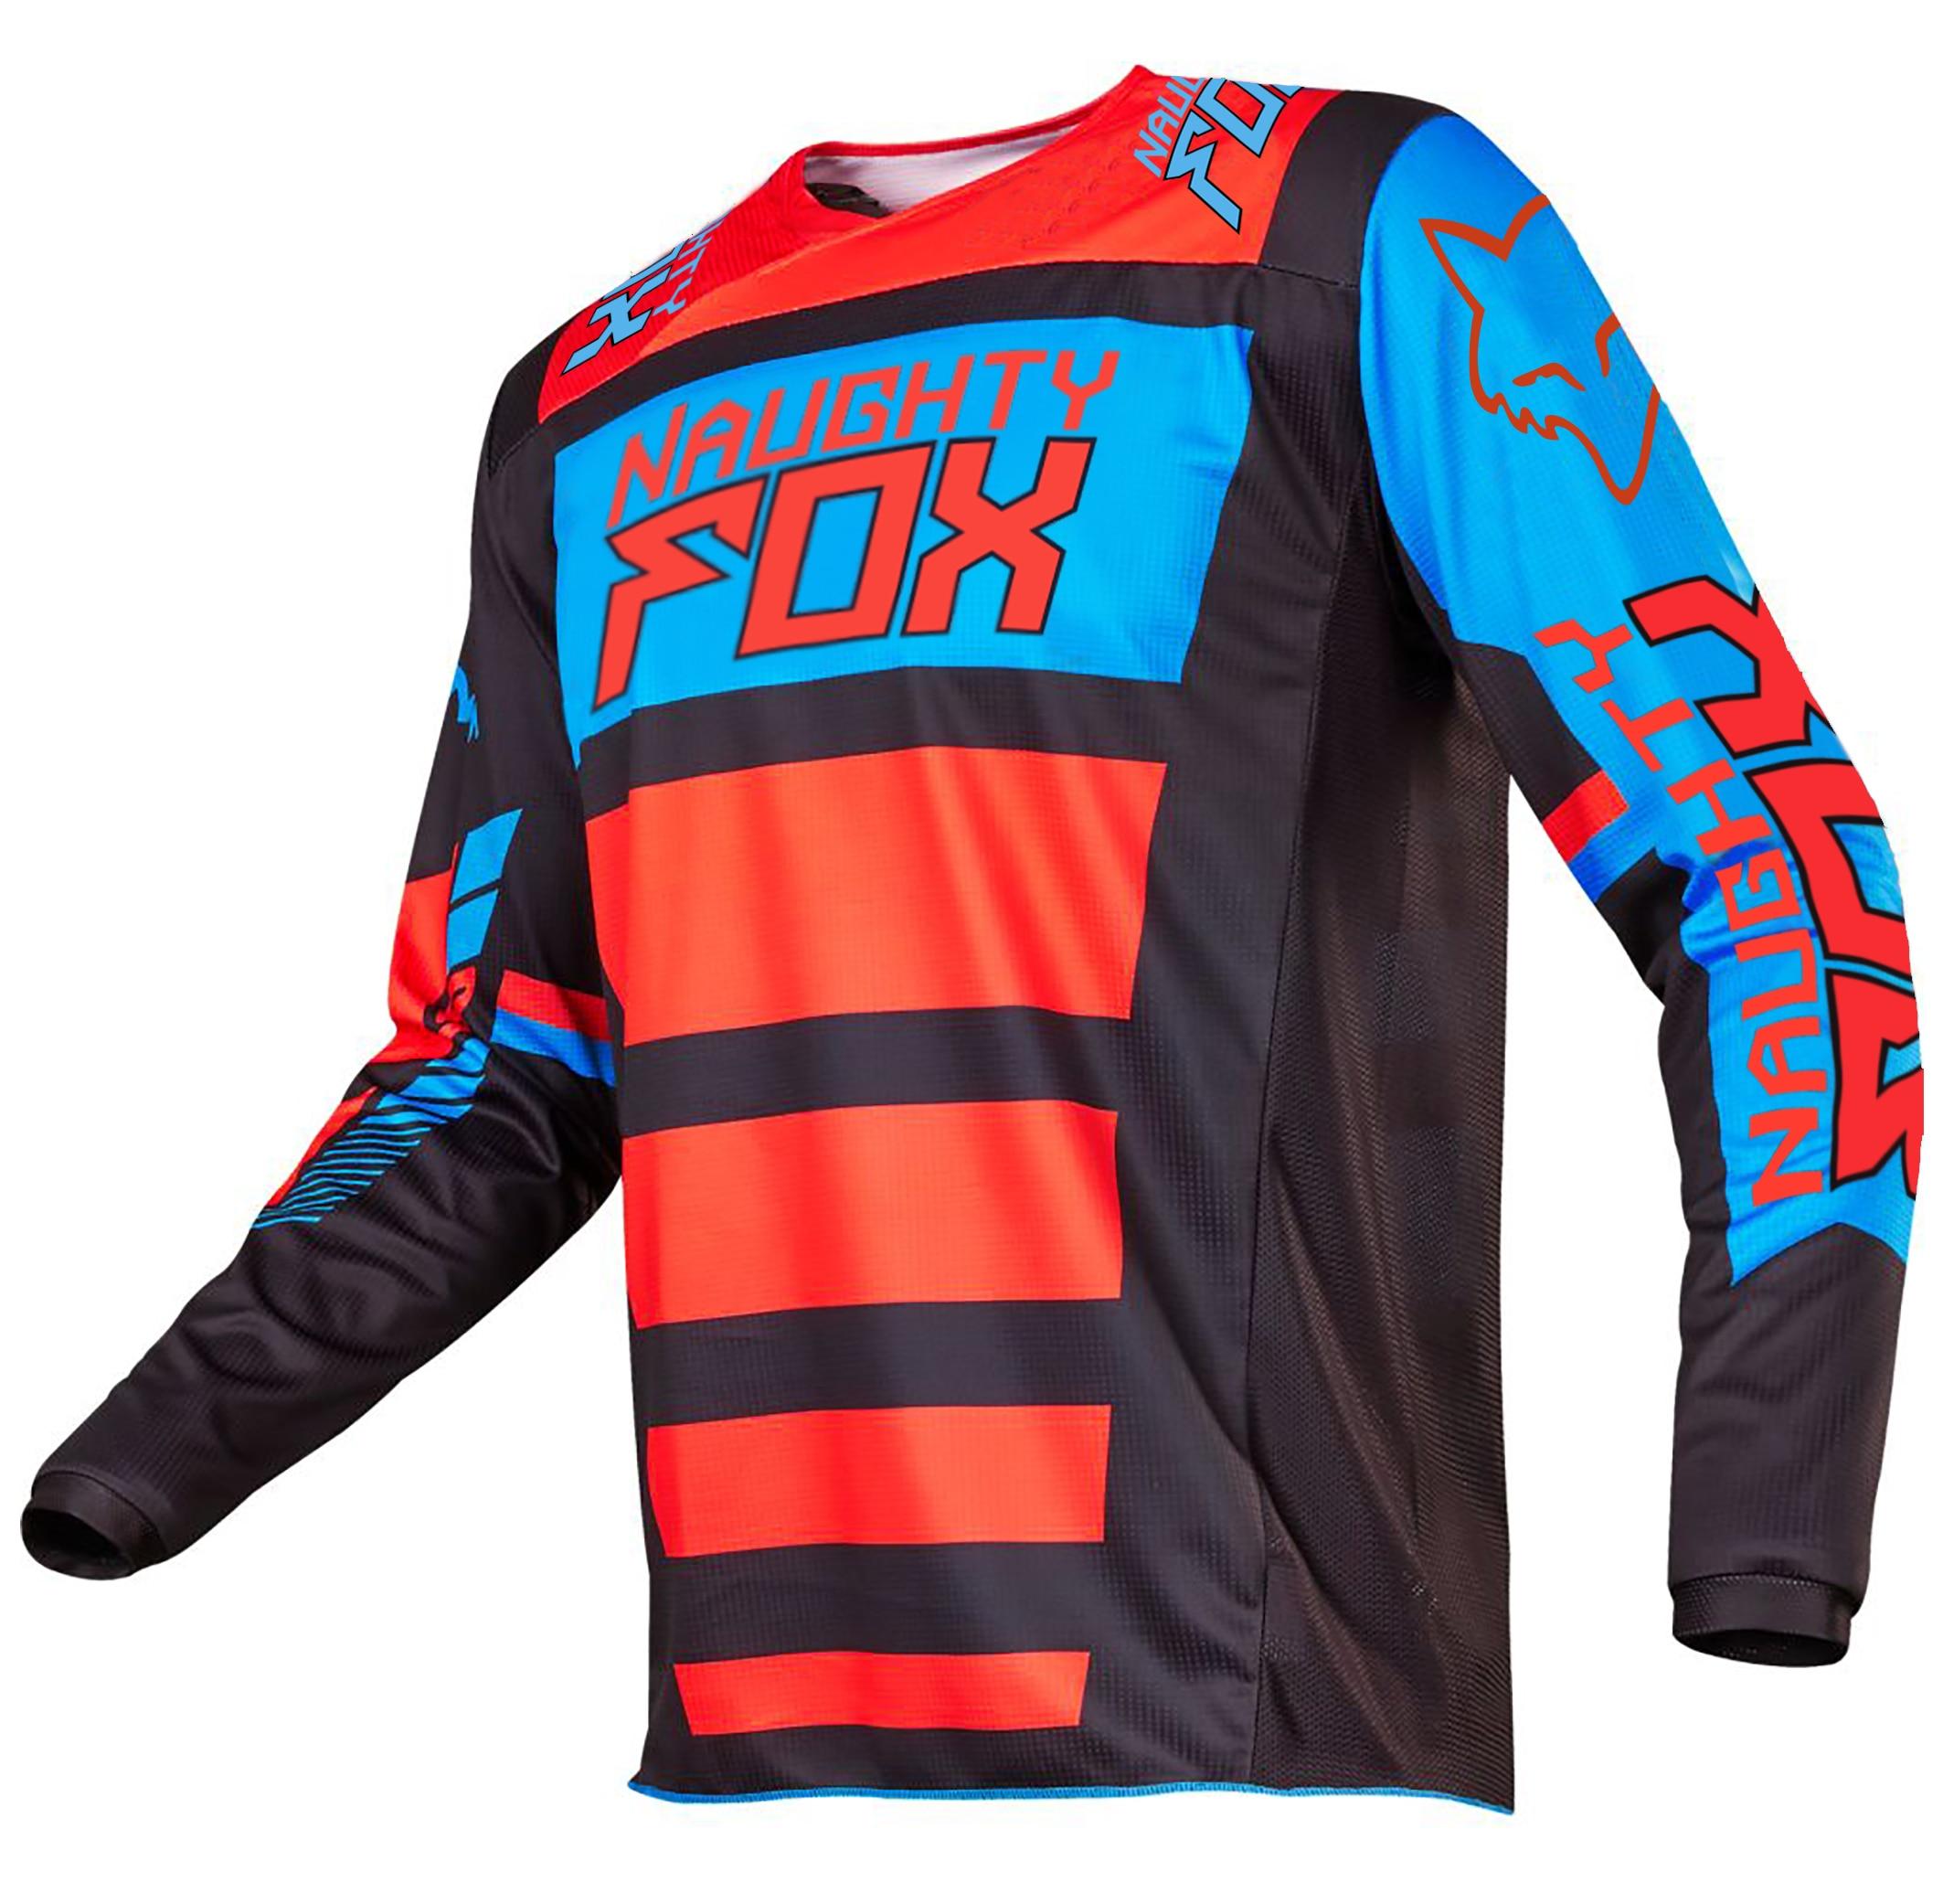 , FOX Motocross Jersey, HelmetsClub: Motorcycle Gear, Free Shipping On All Order, HelmetsClub: Motorcycle Gear, Free Shipping On All Order